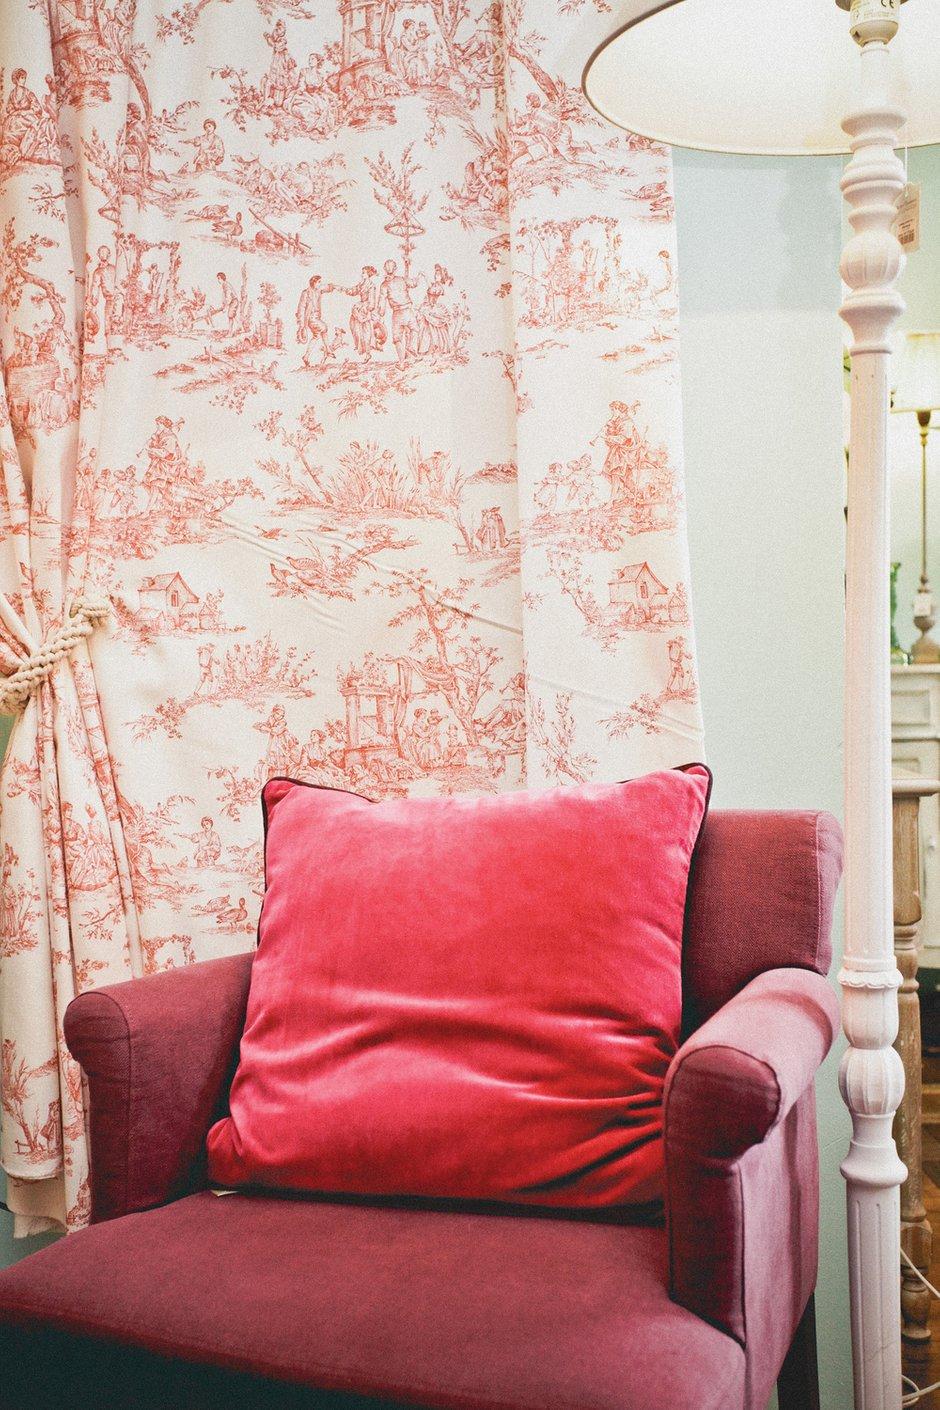 Фотография: Мебель и свет в стиле Прованс и Кантри, Индустрия, Новости, Прованс, Посуда – фото на INMYROOM